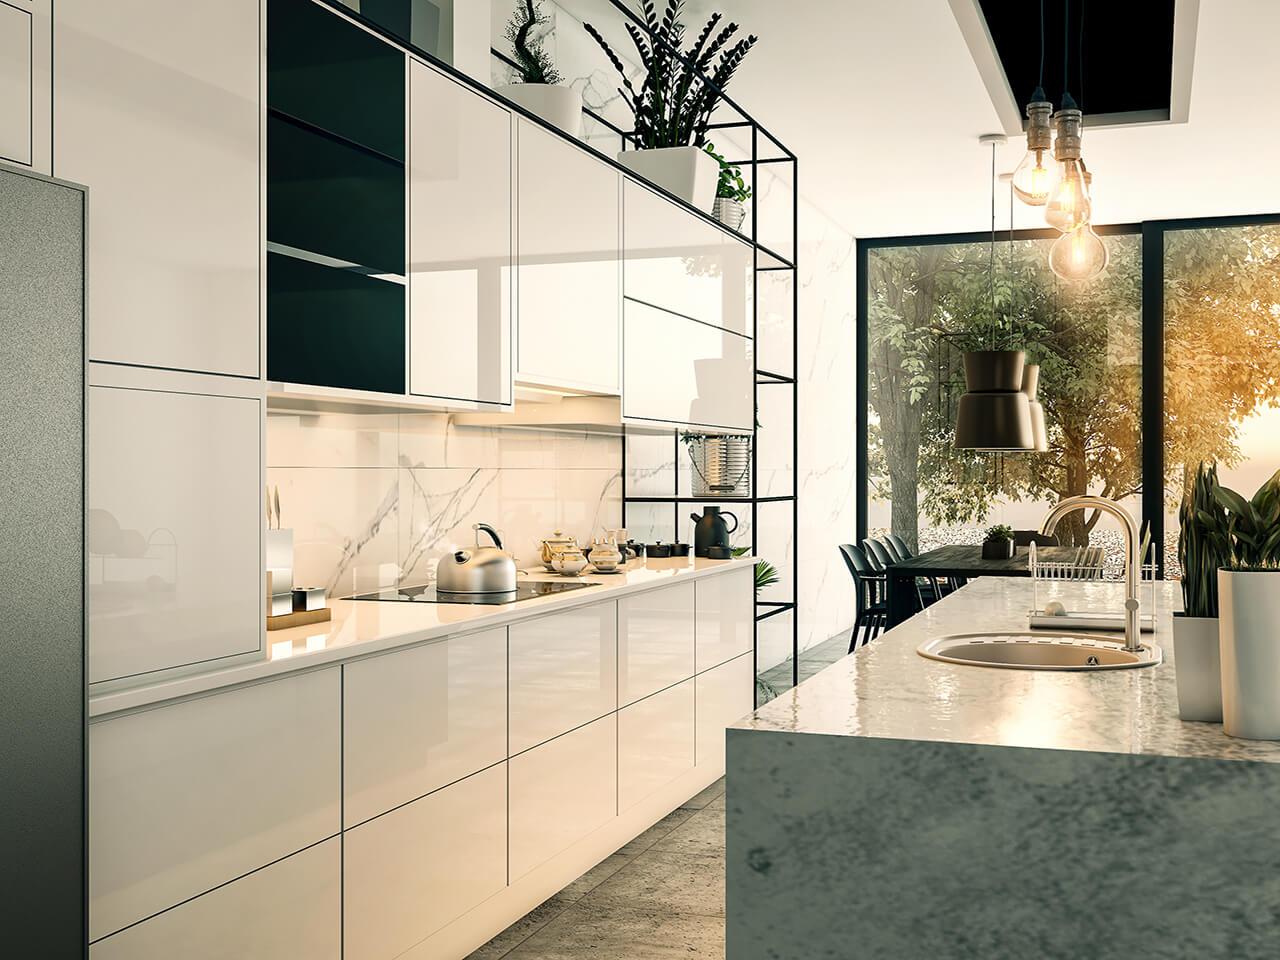 natural uno white high gloss kitchen design interior | The Interior Design of High Gloss Contemporary Kitchen